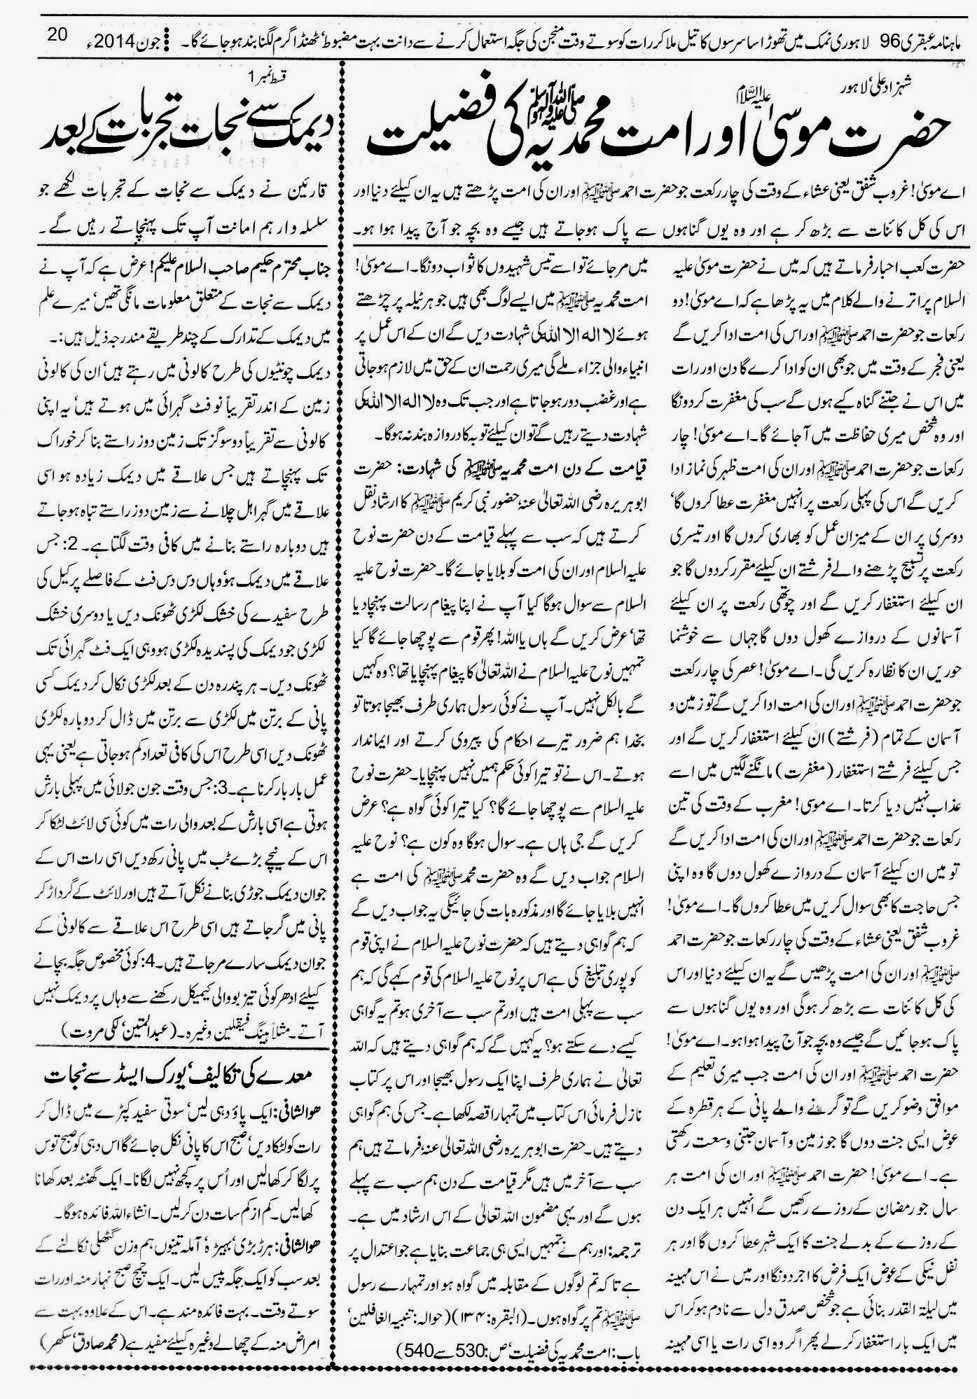 ubqari june 2014 page 20